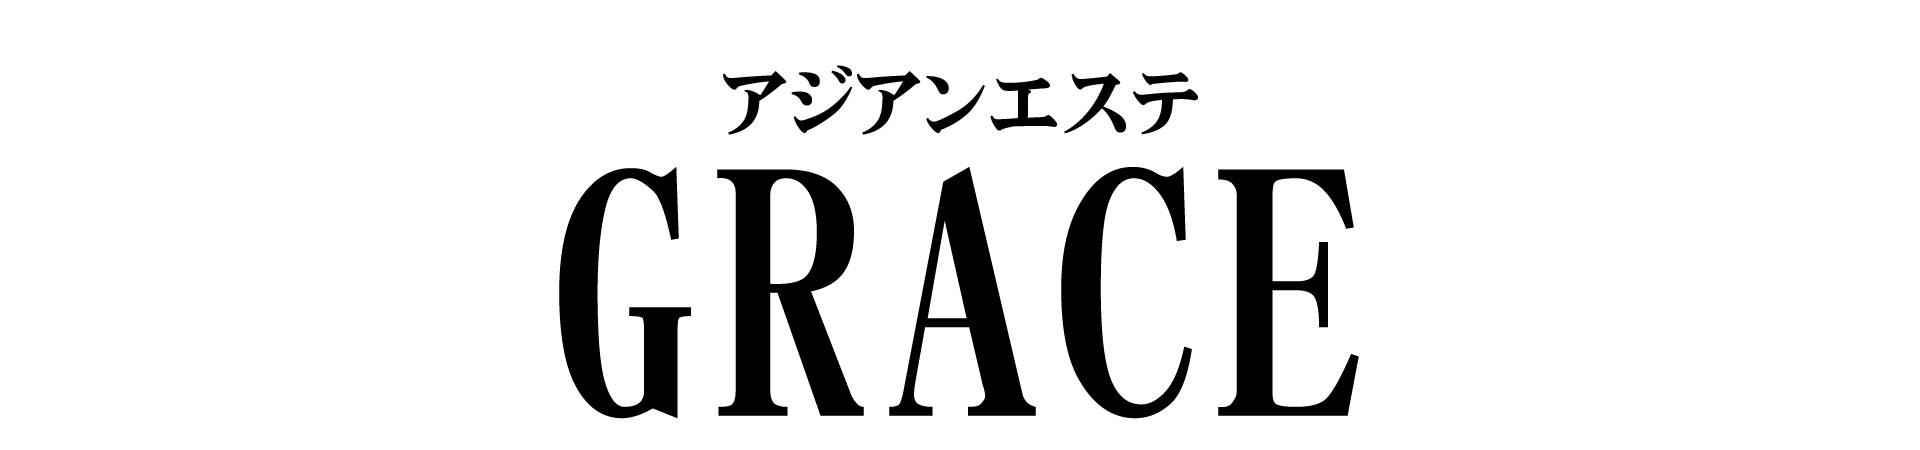 【GRACE】金山